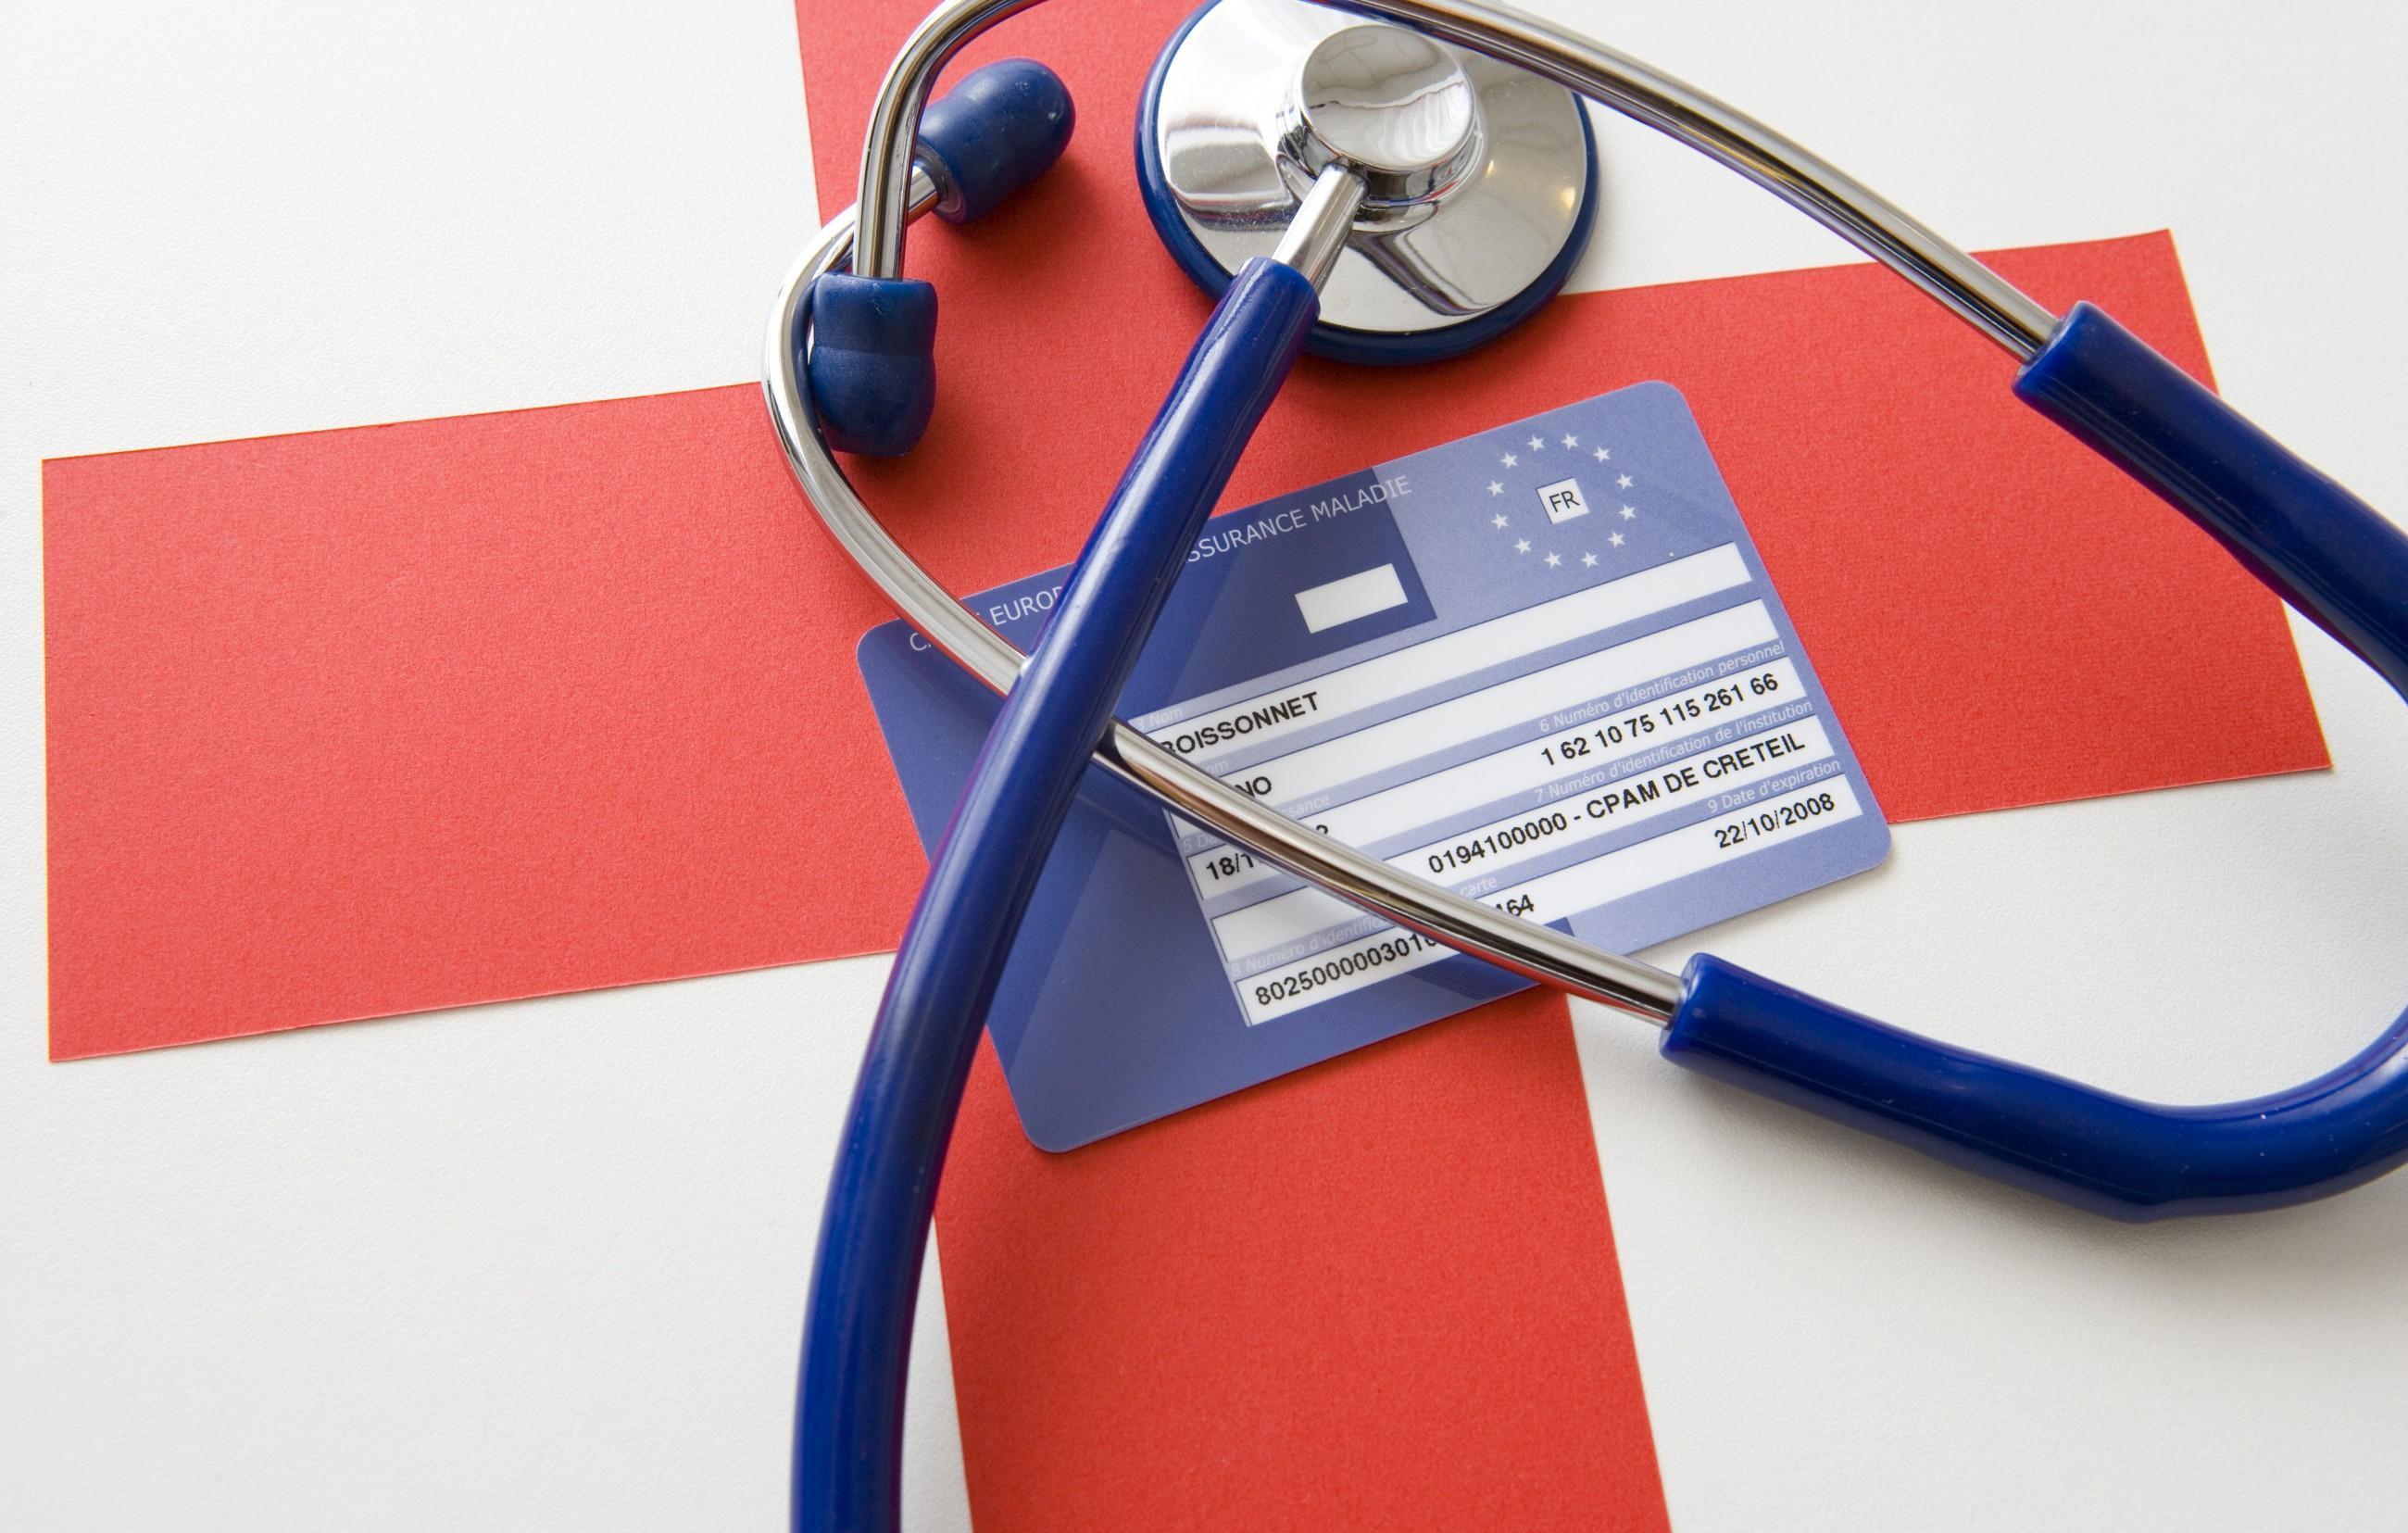 МКБ и Югория-Жизнь запускают новую страховую программу «Доктор дома»  - новости Афанасий